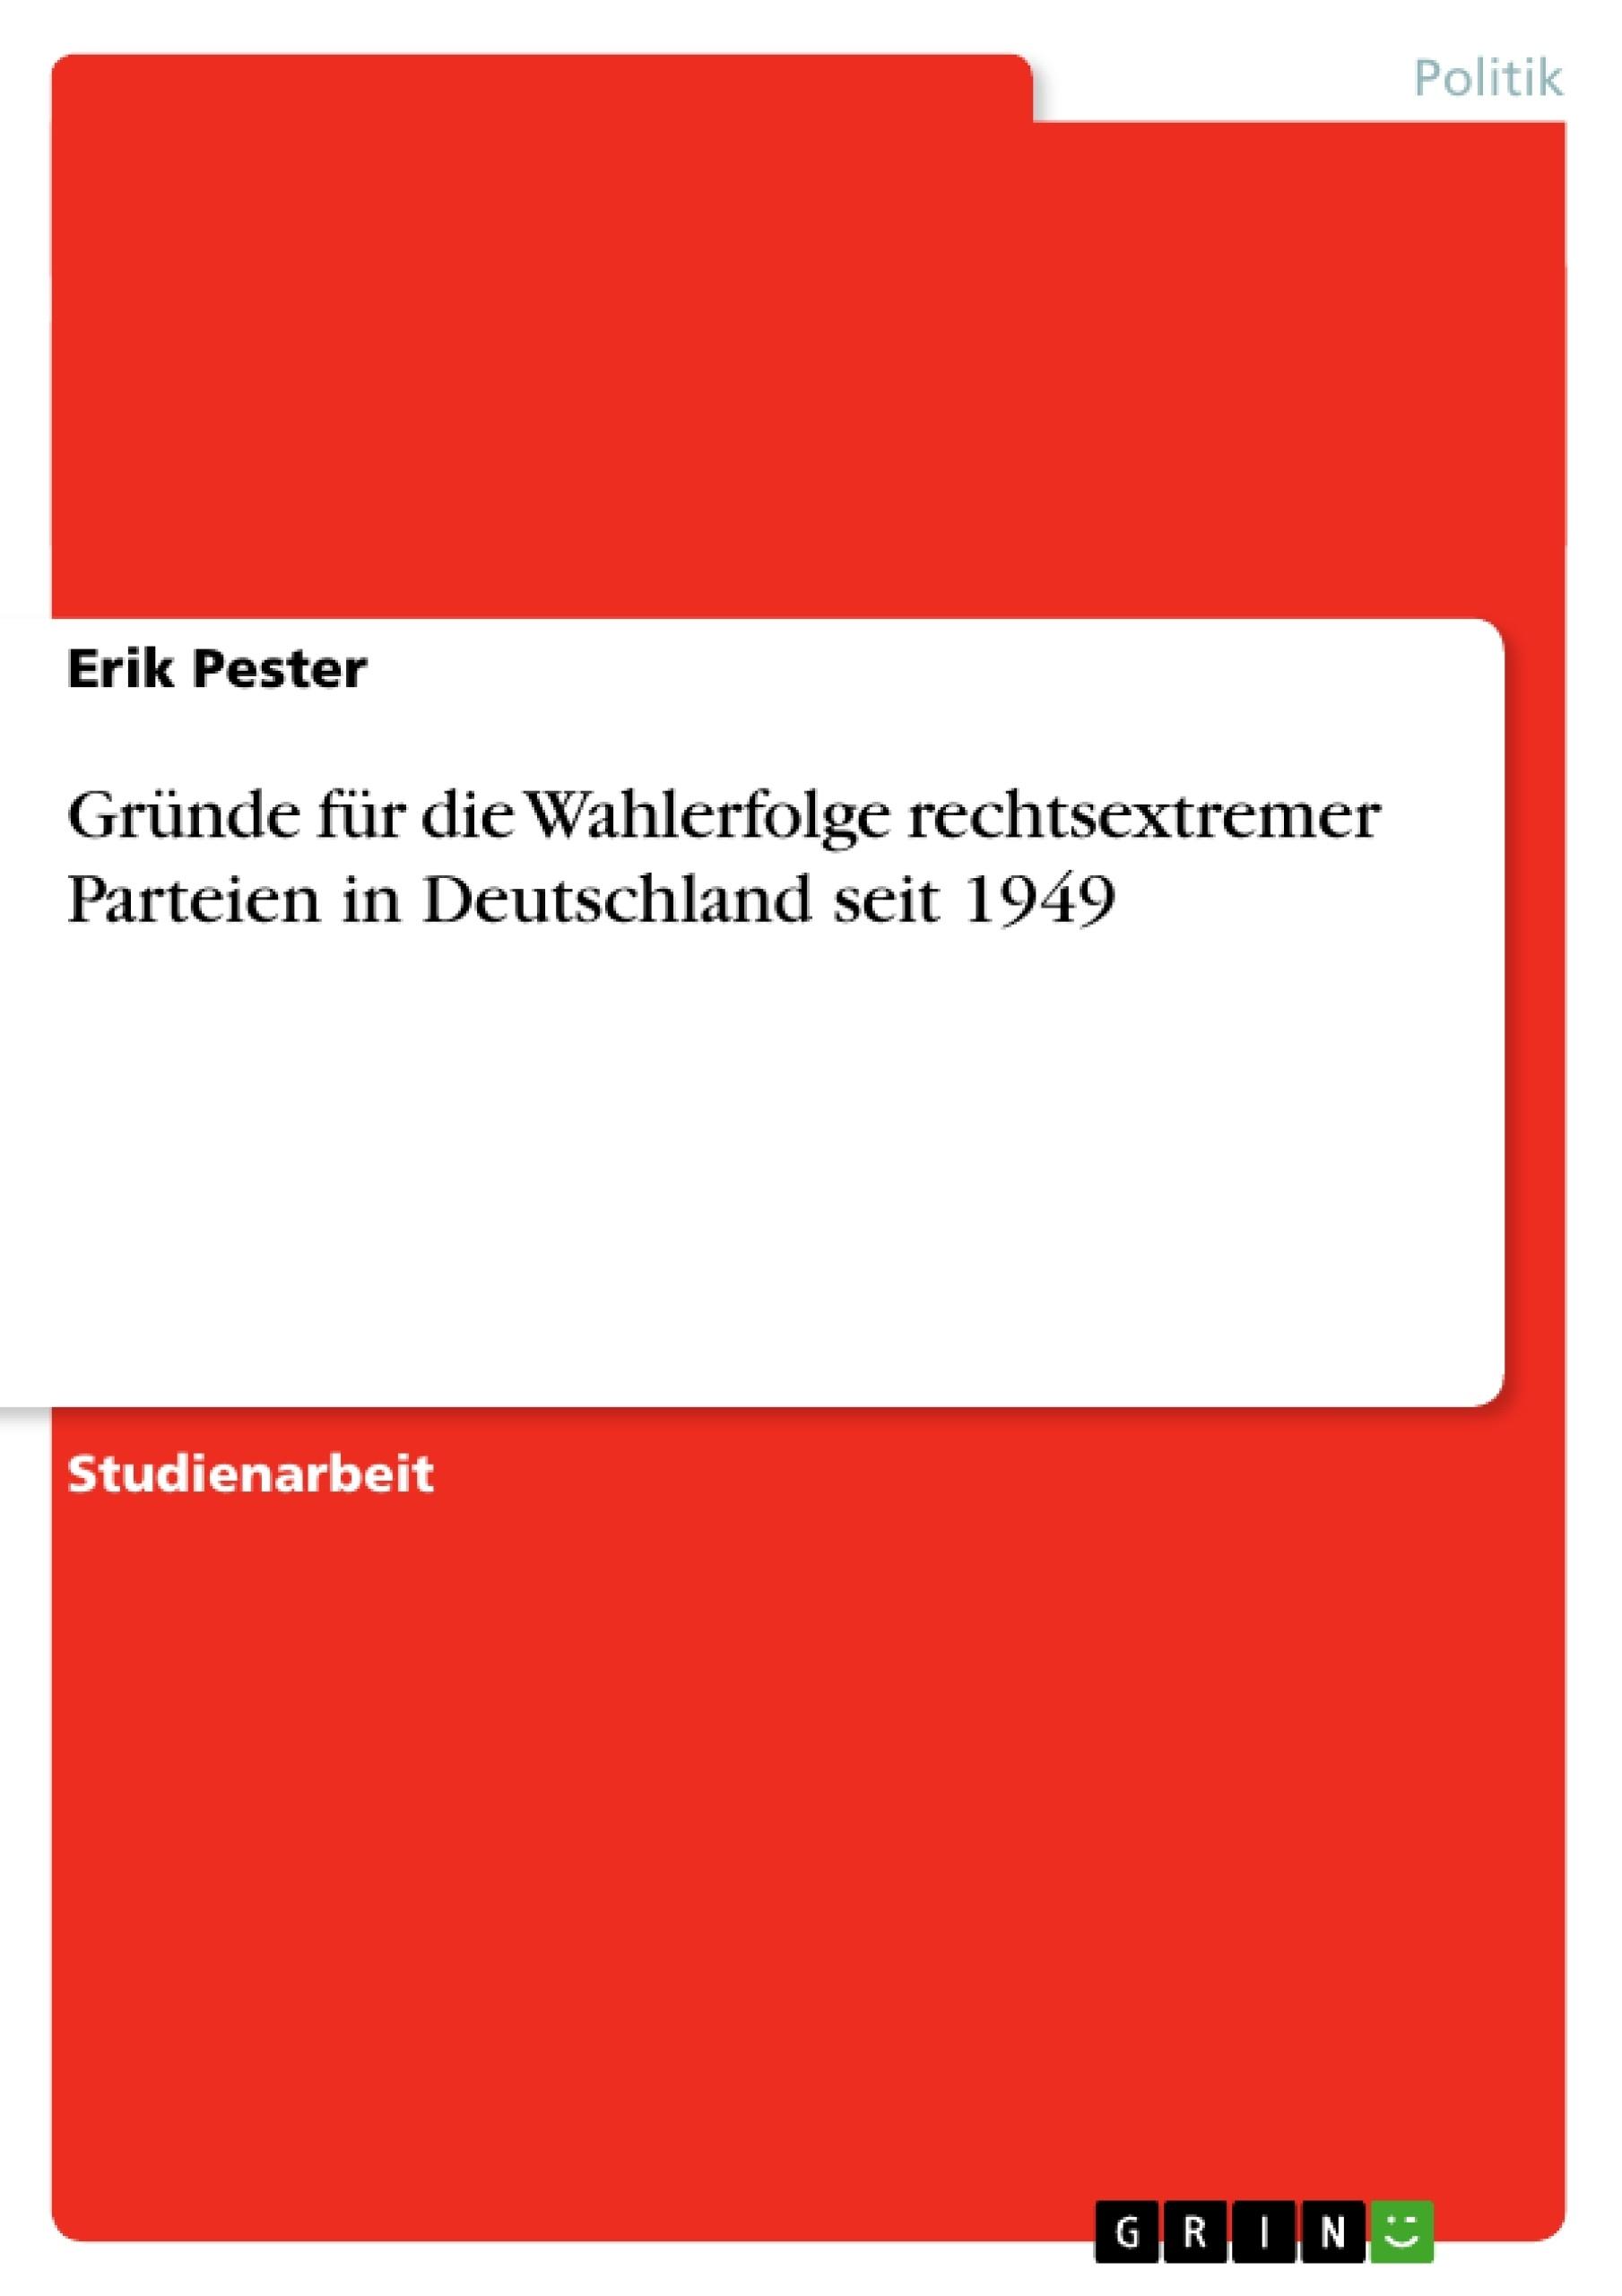 Titel: Gründe für die Wahlerfolge rechtsextremer Parteien in Deutschland seit 1949